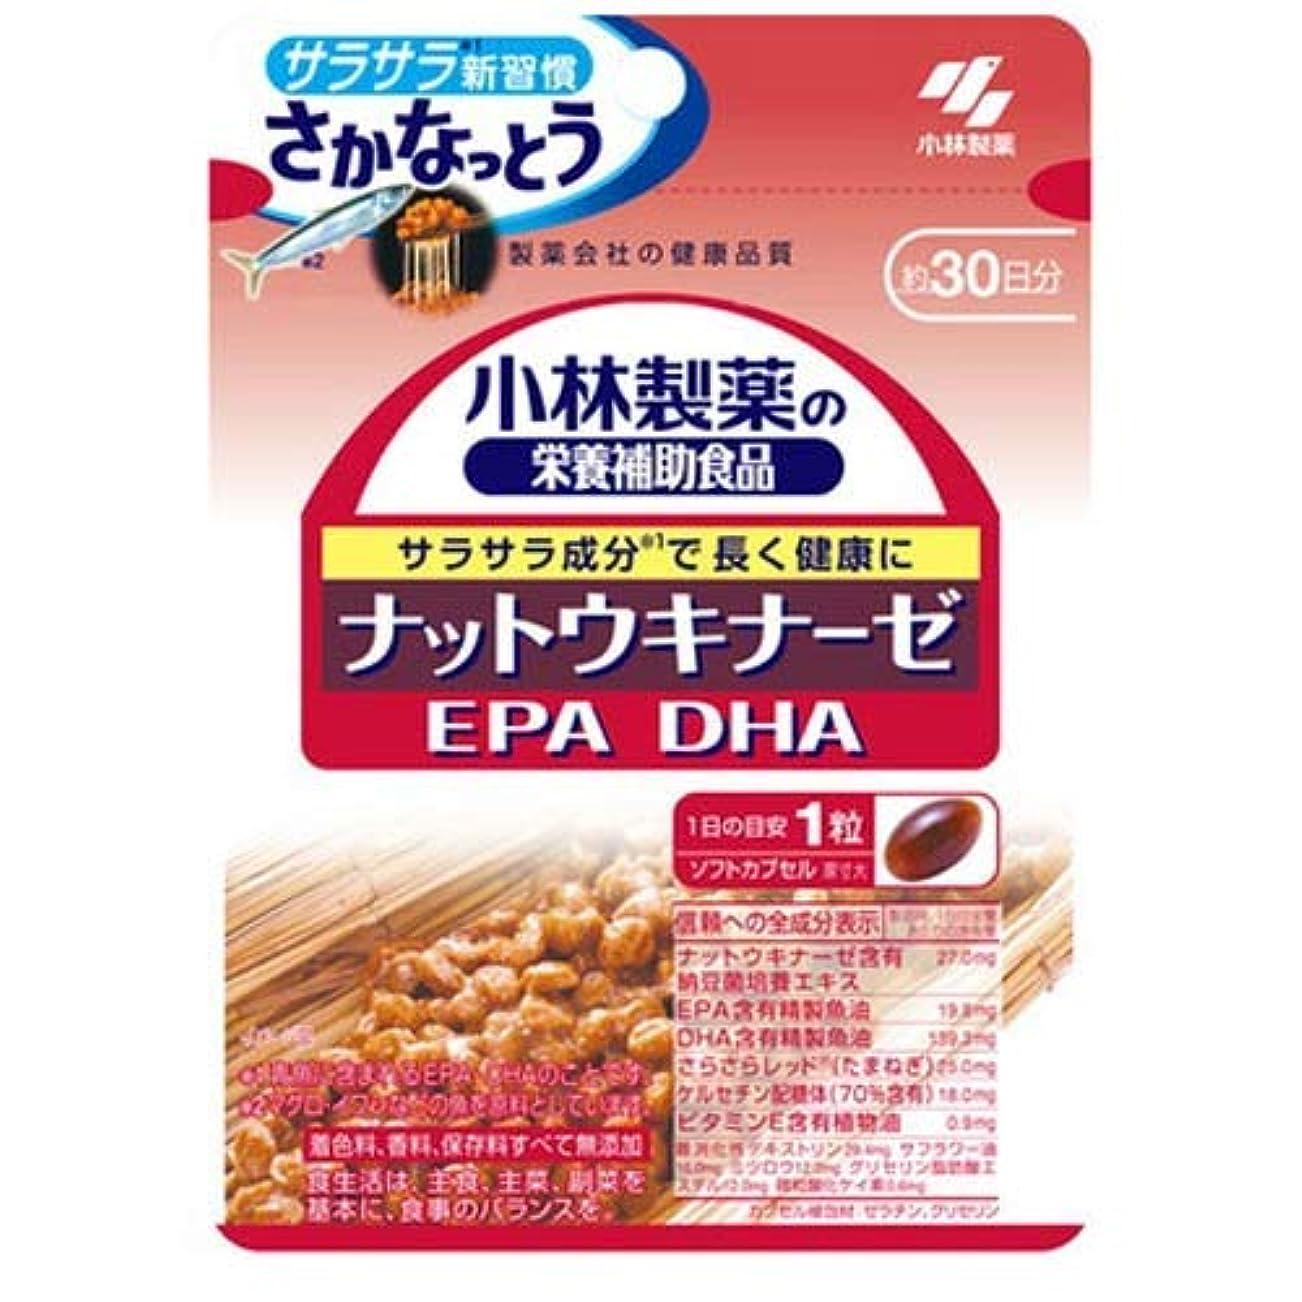 援助するバーター刑務所小林製薬 ナットウキナーゼ EPA/DHA 30粒 [メール便対応商品]